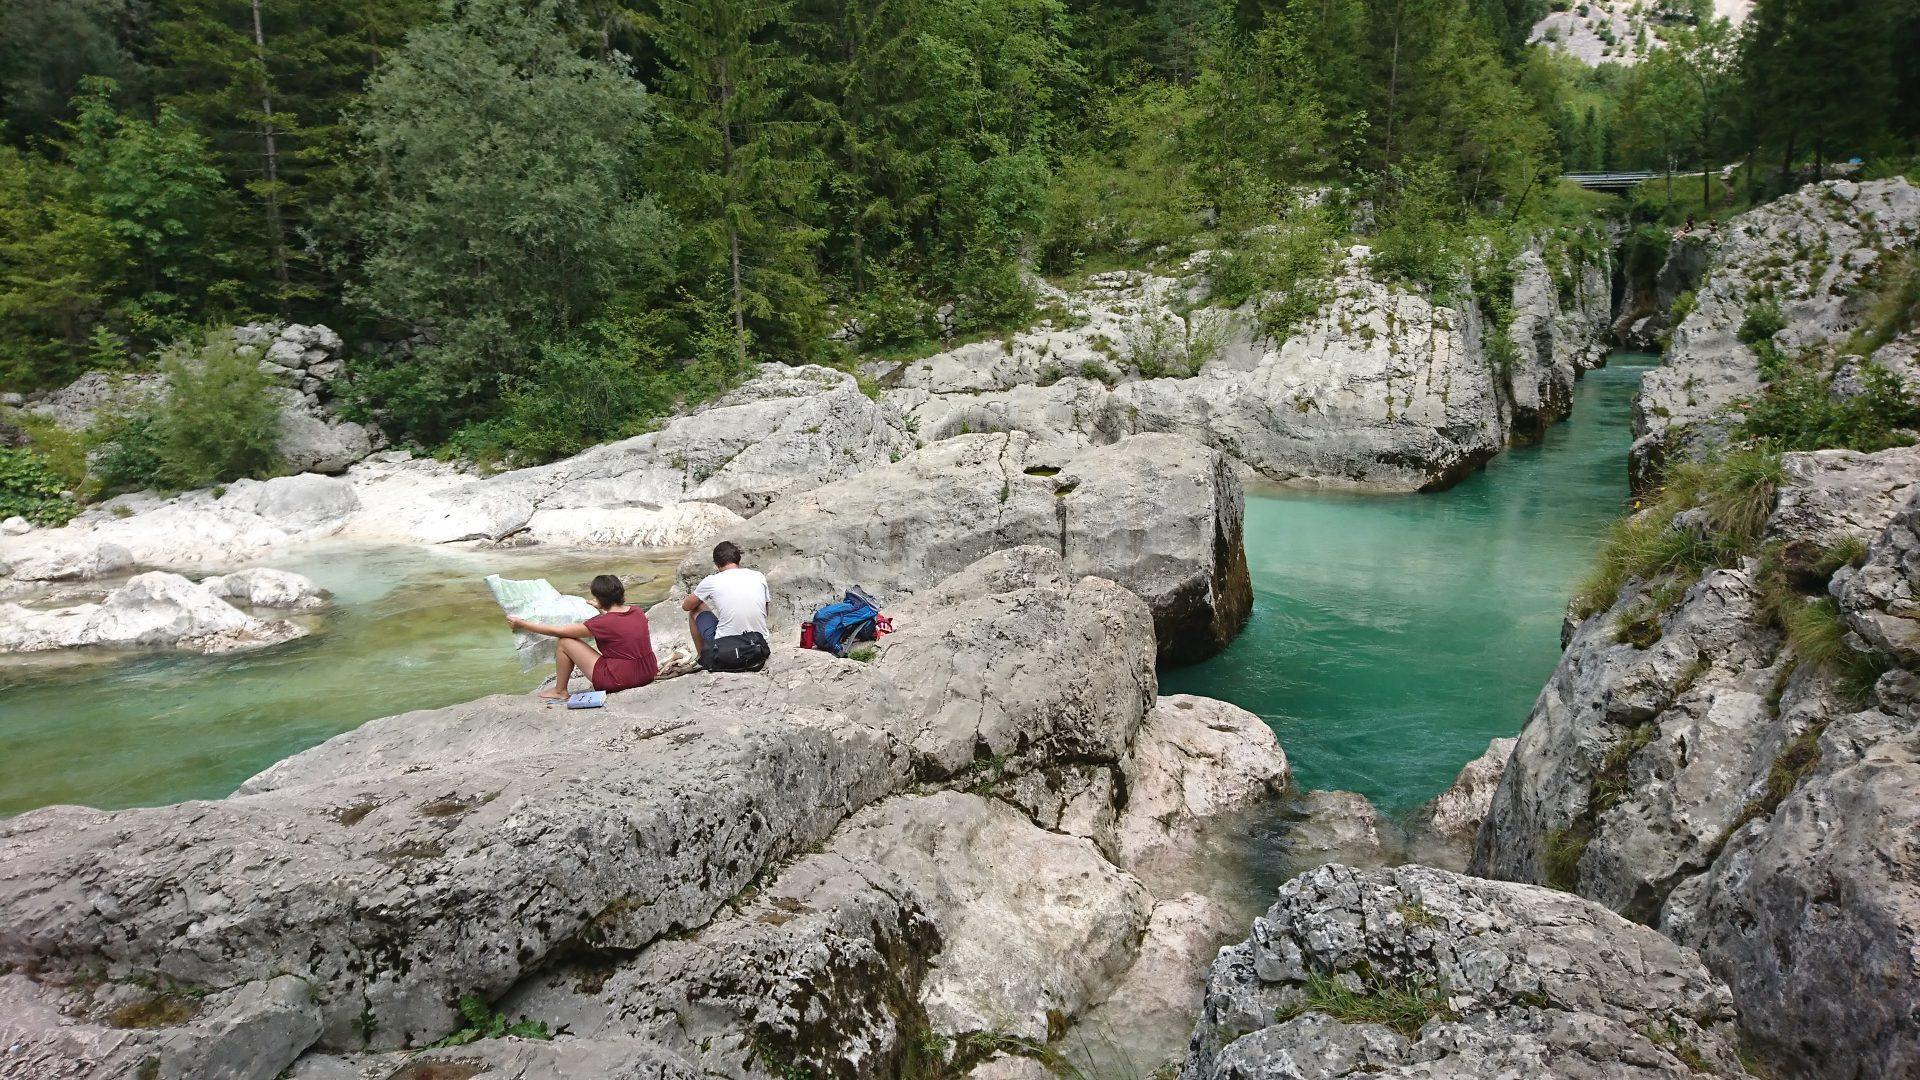 Lângă râu în Valea Lepena